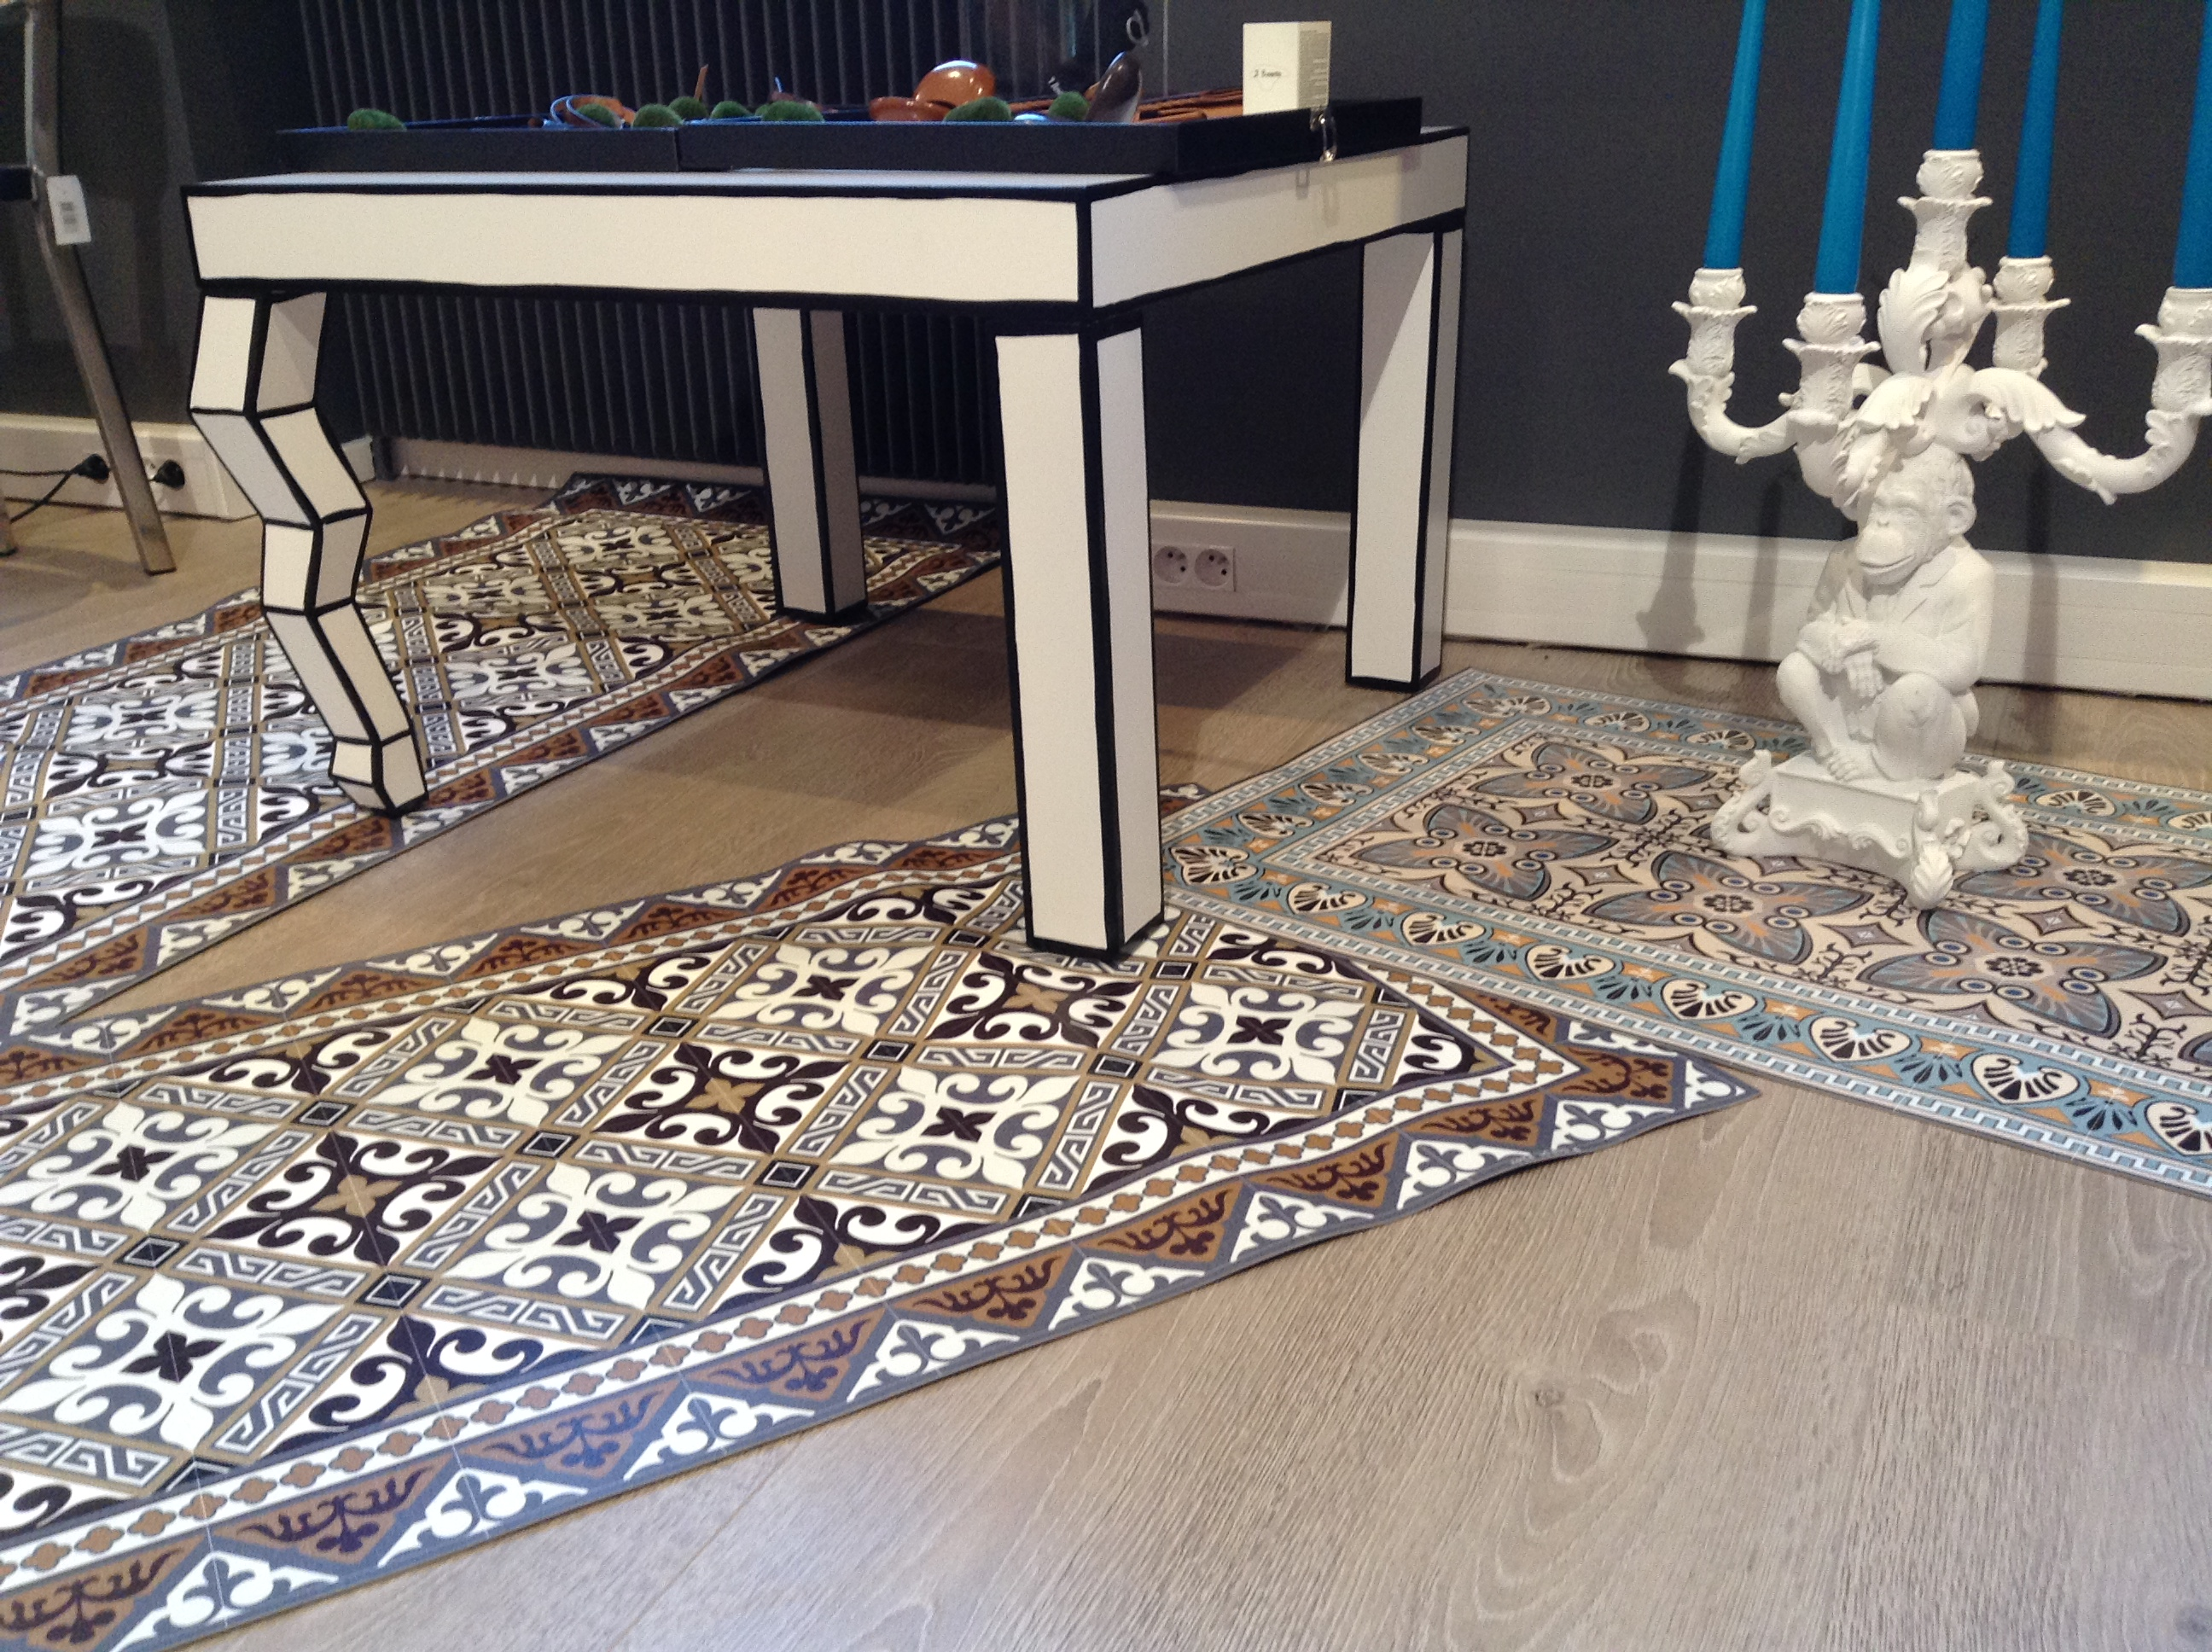 tapis beija flor la nouveaut d co 2015. Black Bedroom Furniture Sets. Home Design Ideas